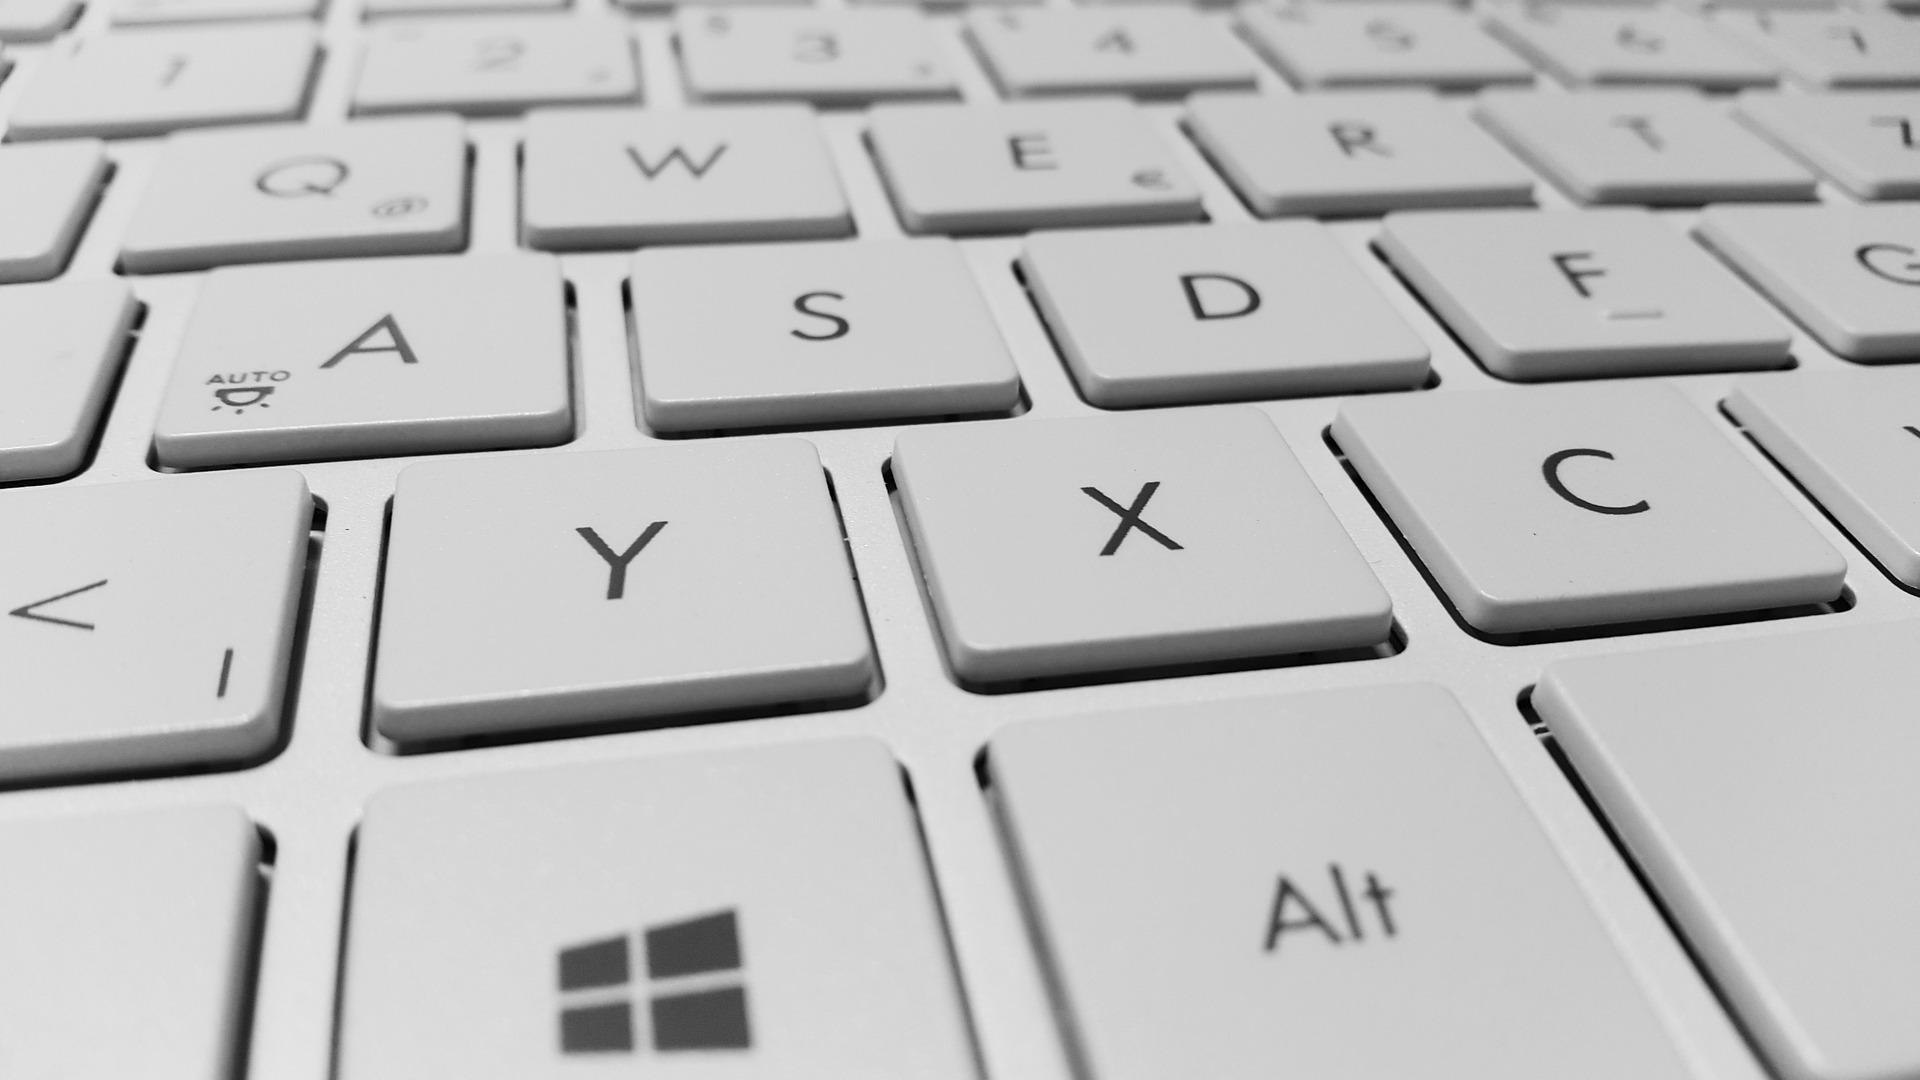 Как удалить лишние раскладки клавиатуры в Windows10